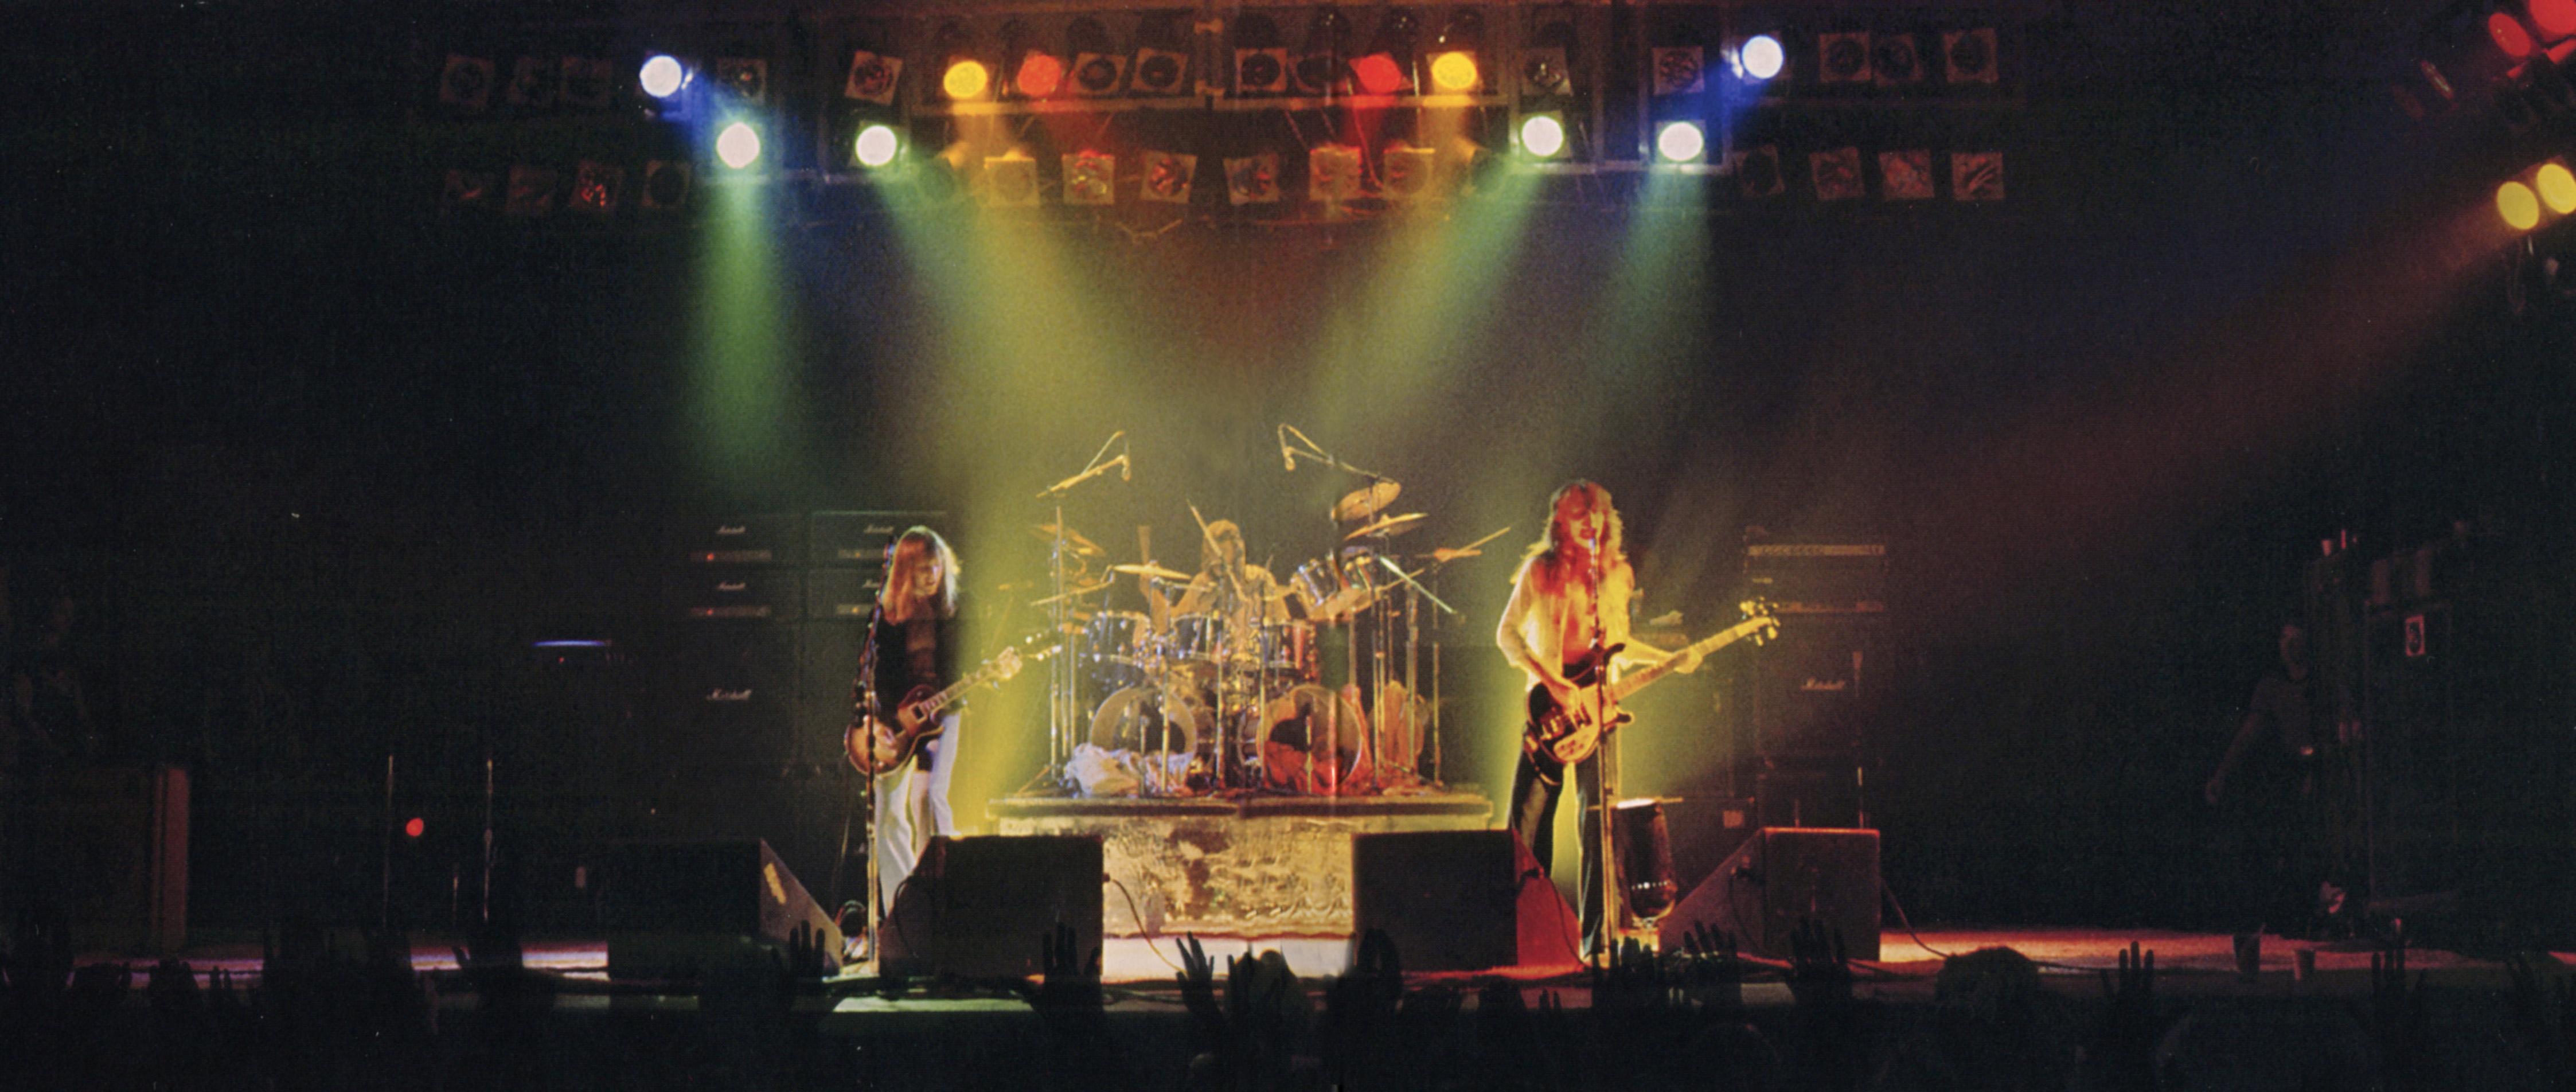 Rush 2112 40th Anniversary Deluxe Edition Album Artwork